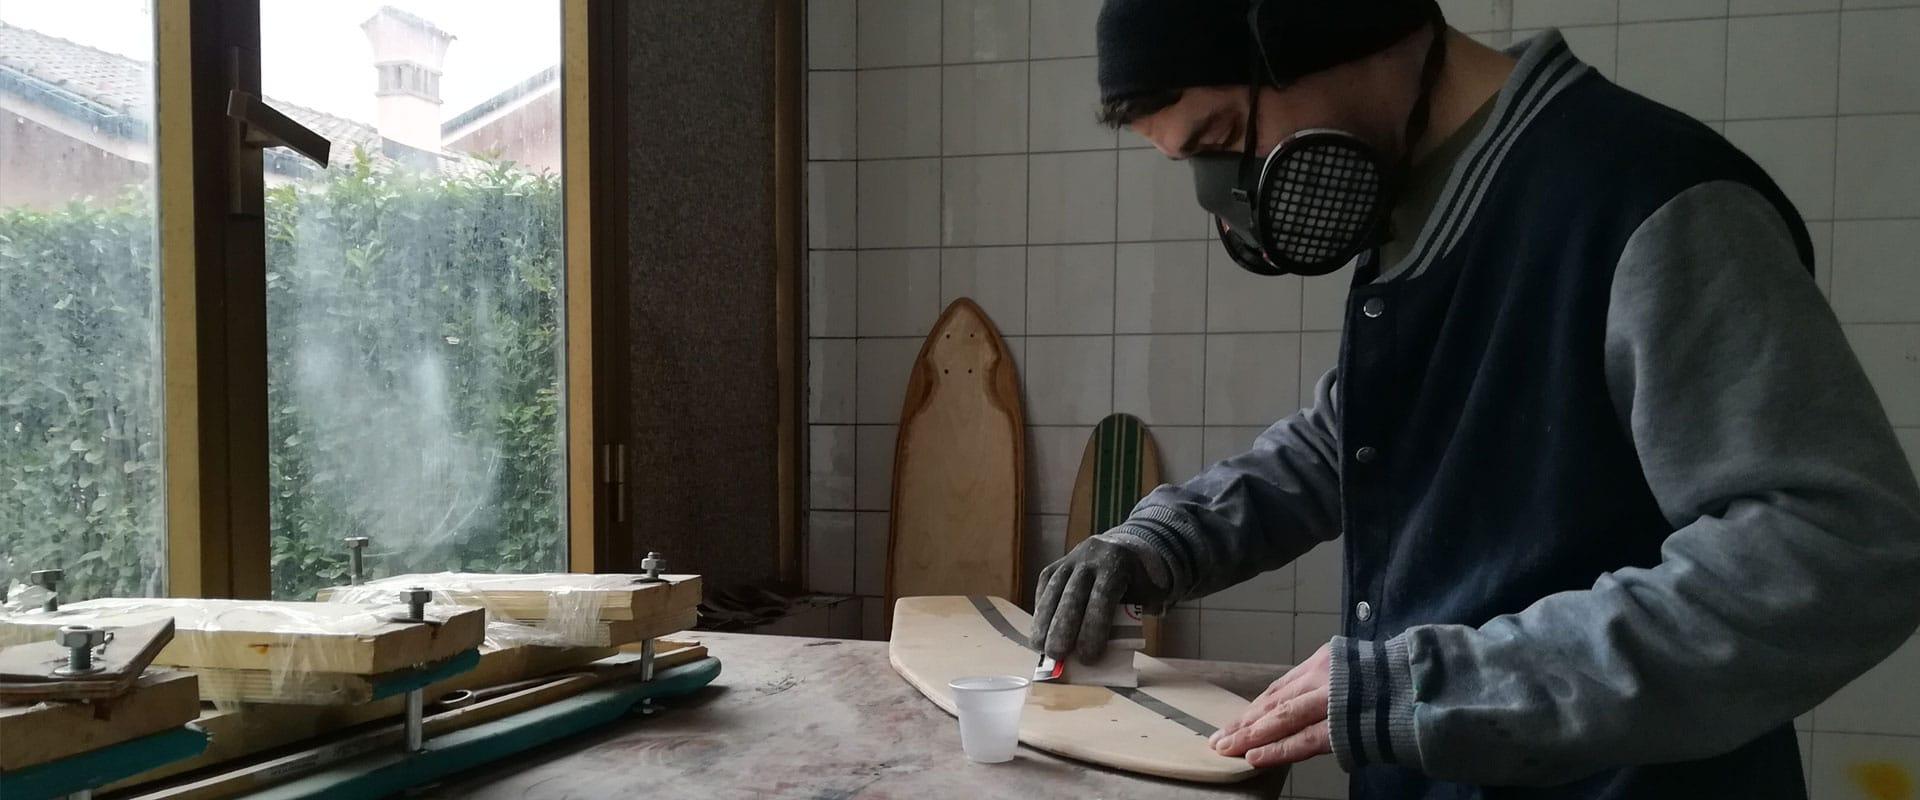 Max di PROJECT 9 mentre crea una tavola da skate custom